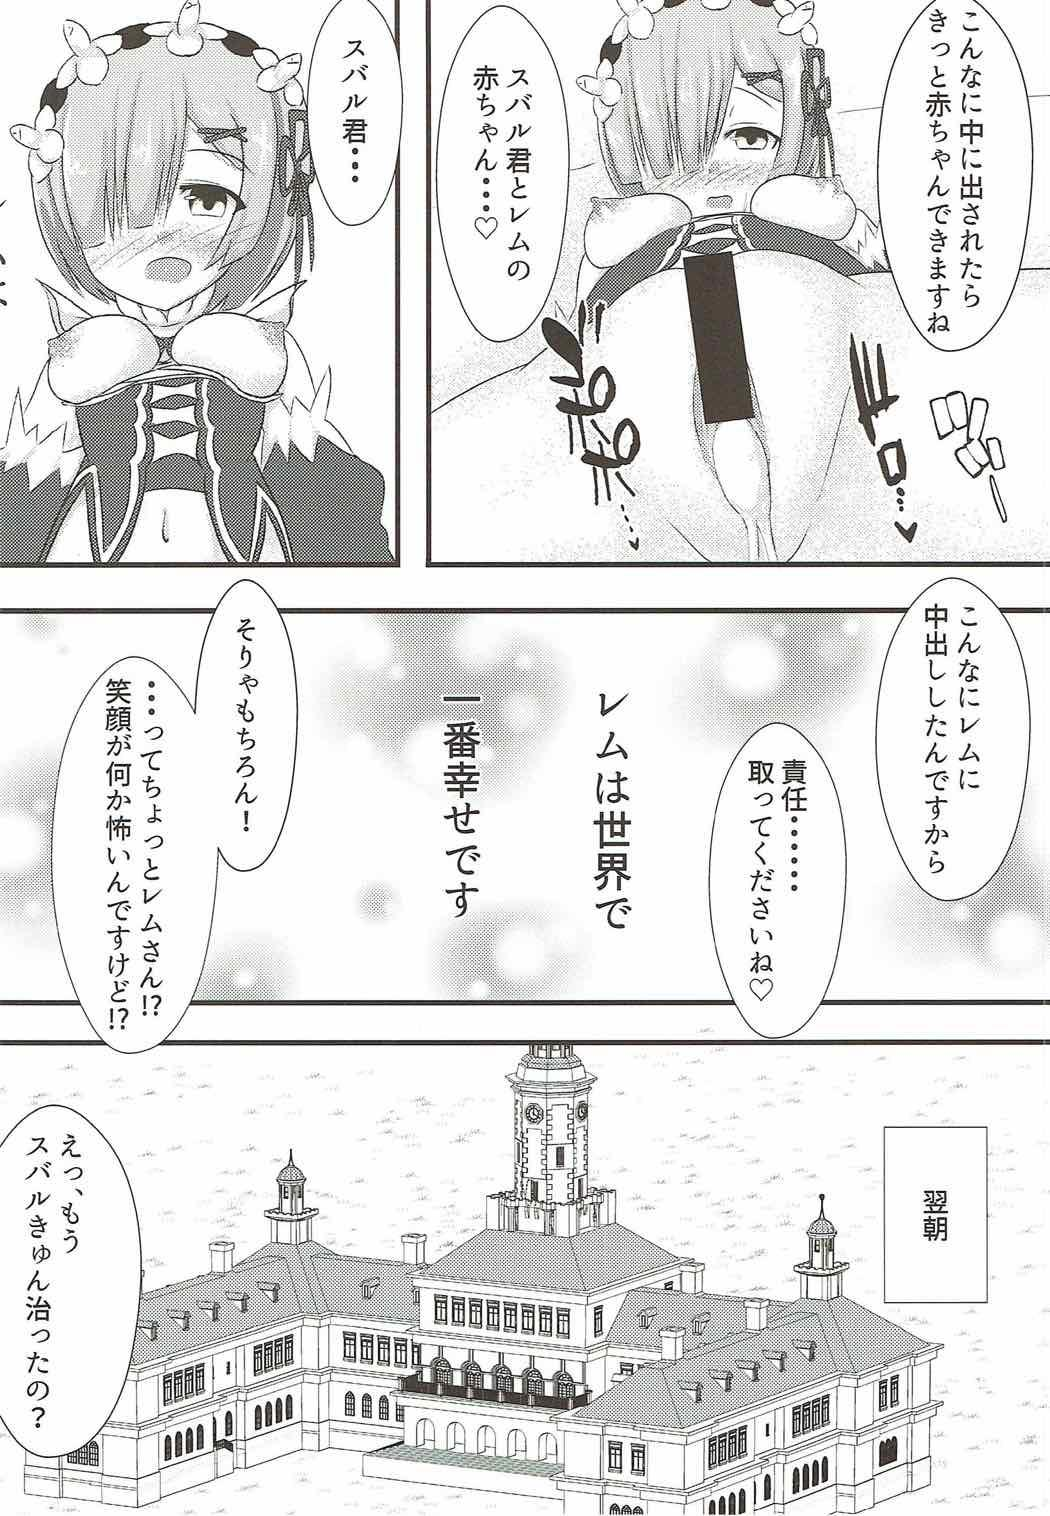 Subaru-kun wa Rem ga Nagusamete Agemasu 18